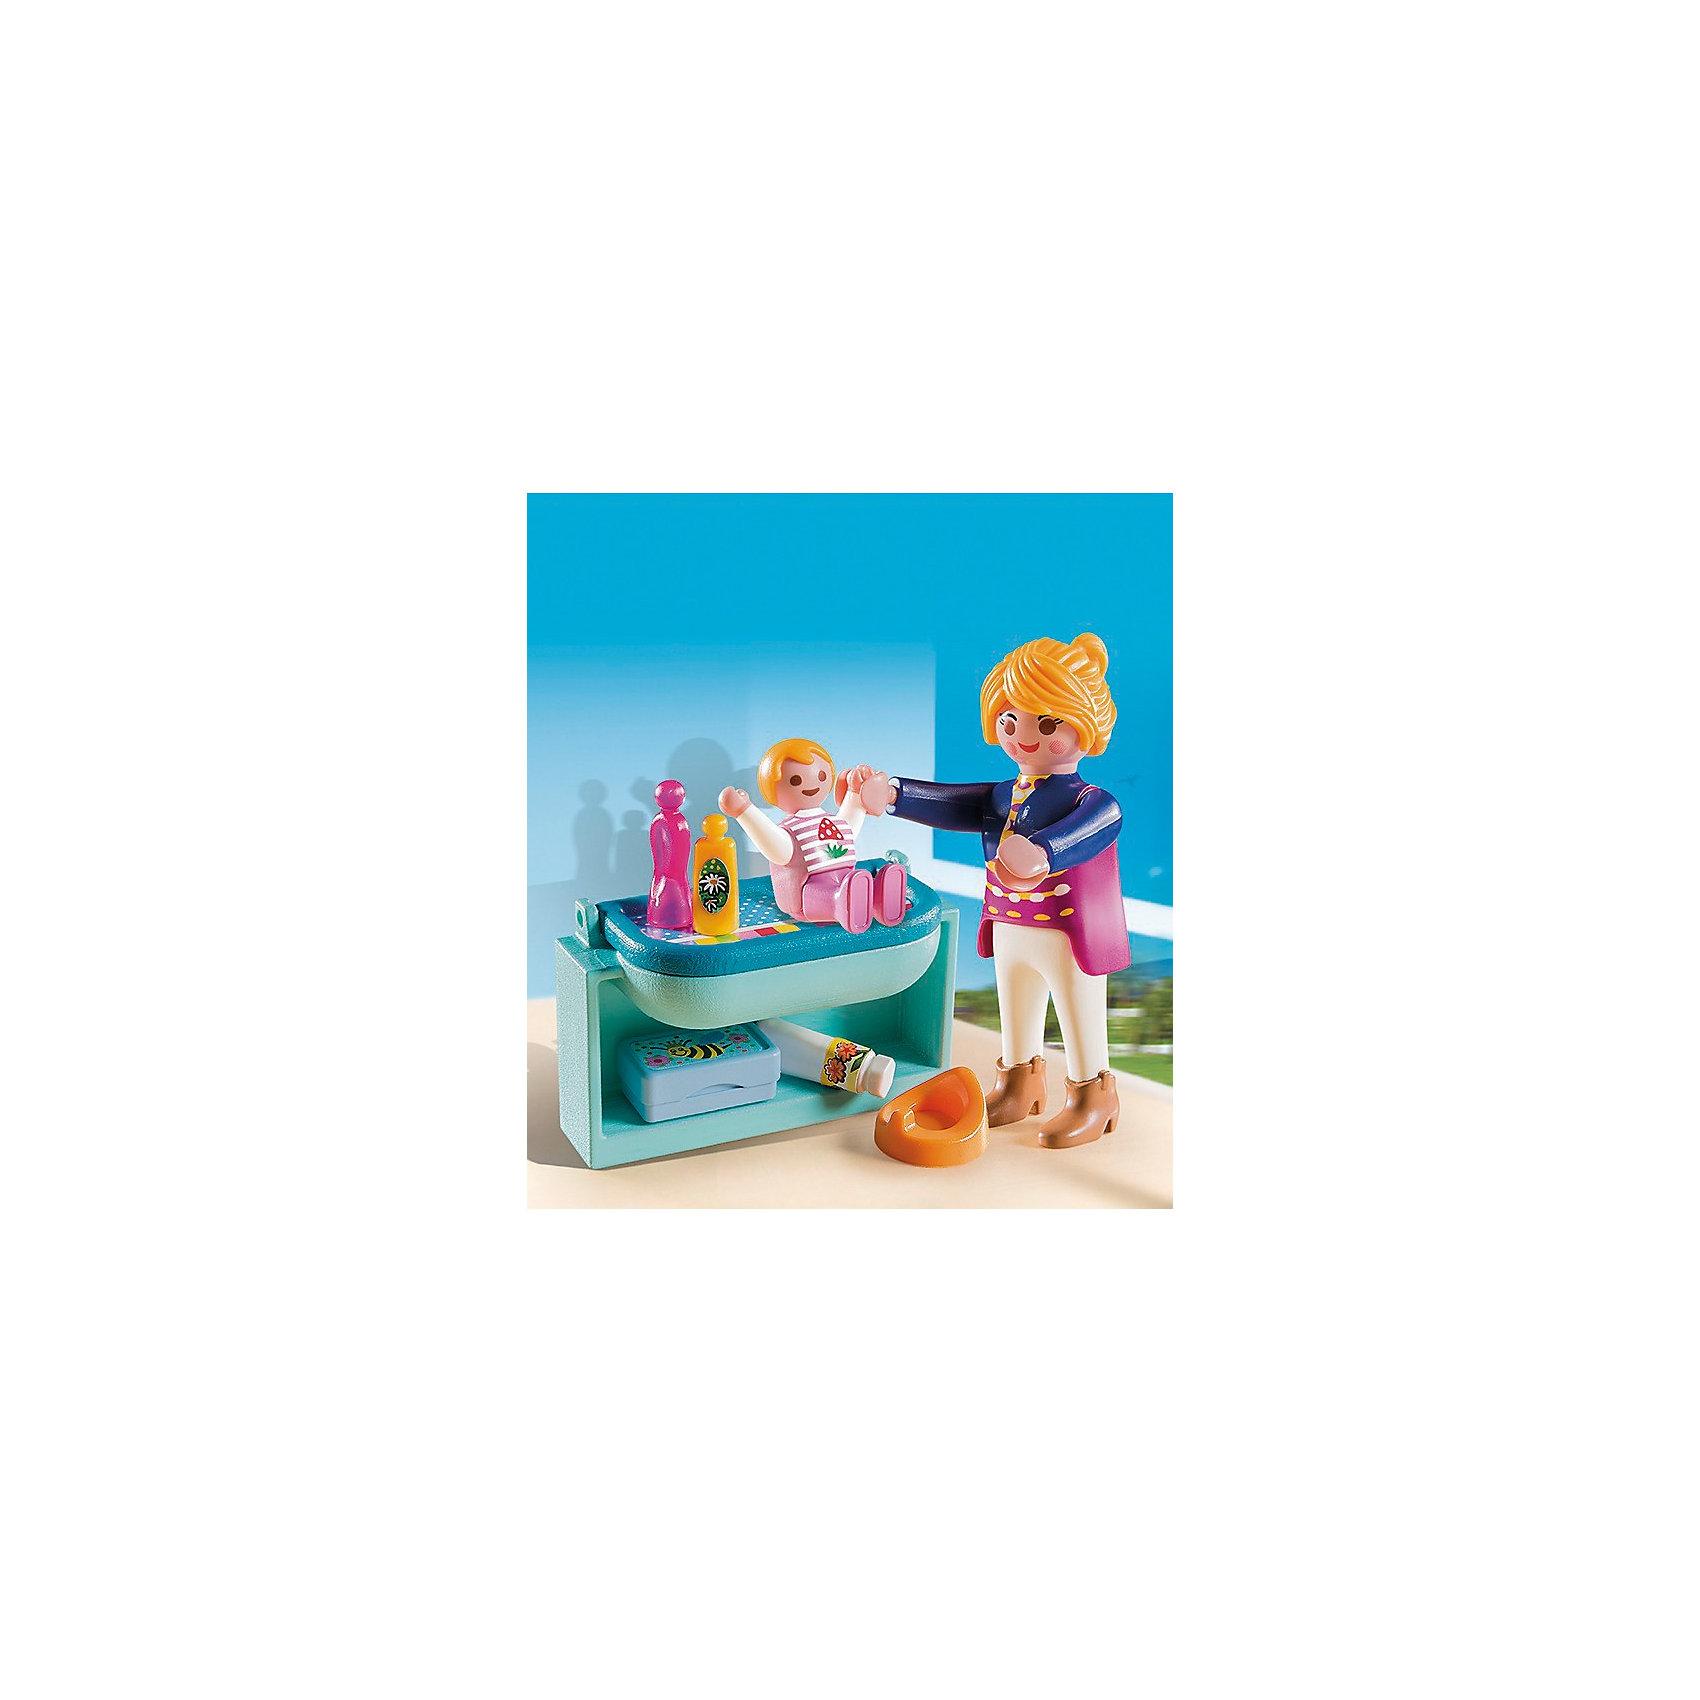 PLAYMOBIL® Экстра-набор: Мама с ребенком, PLAYMOBIL playmobil® экстра набор сёрфингист с доской playmobil